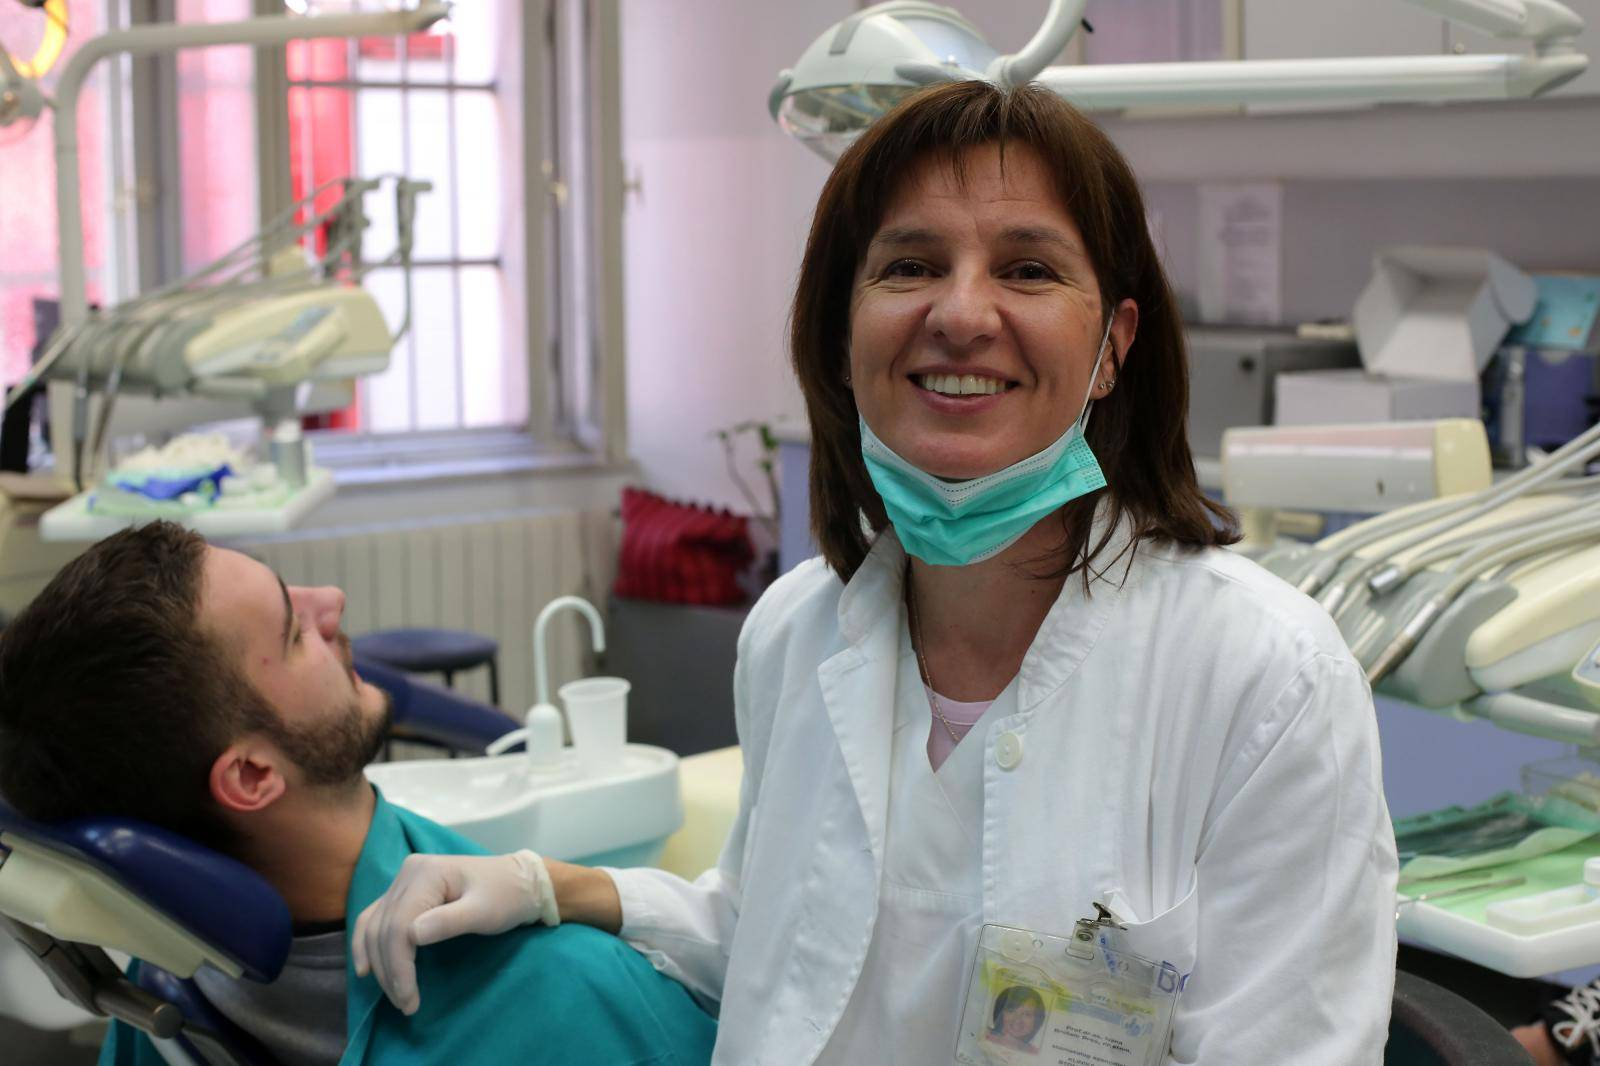 Zubarica za beskućnike svima besplatno vraća osmijeh na lica